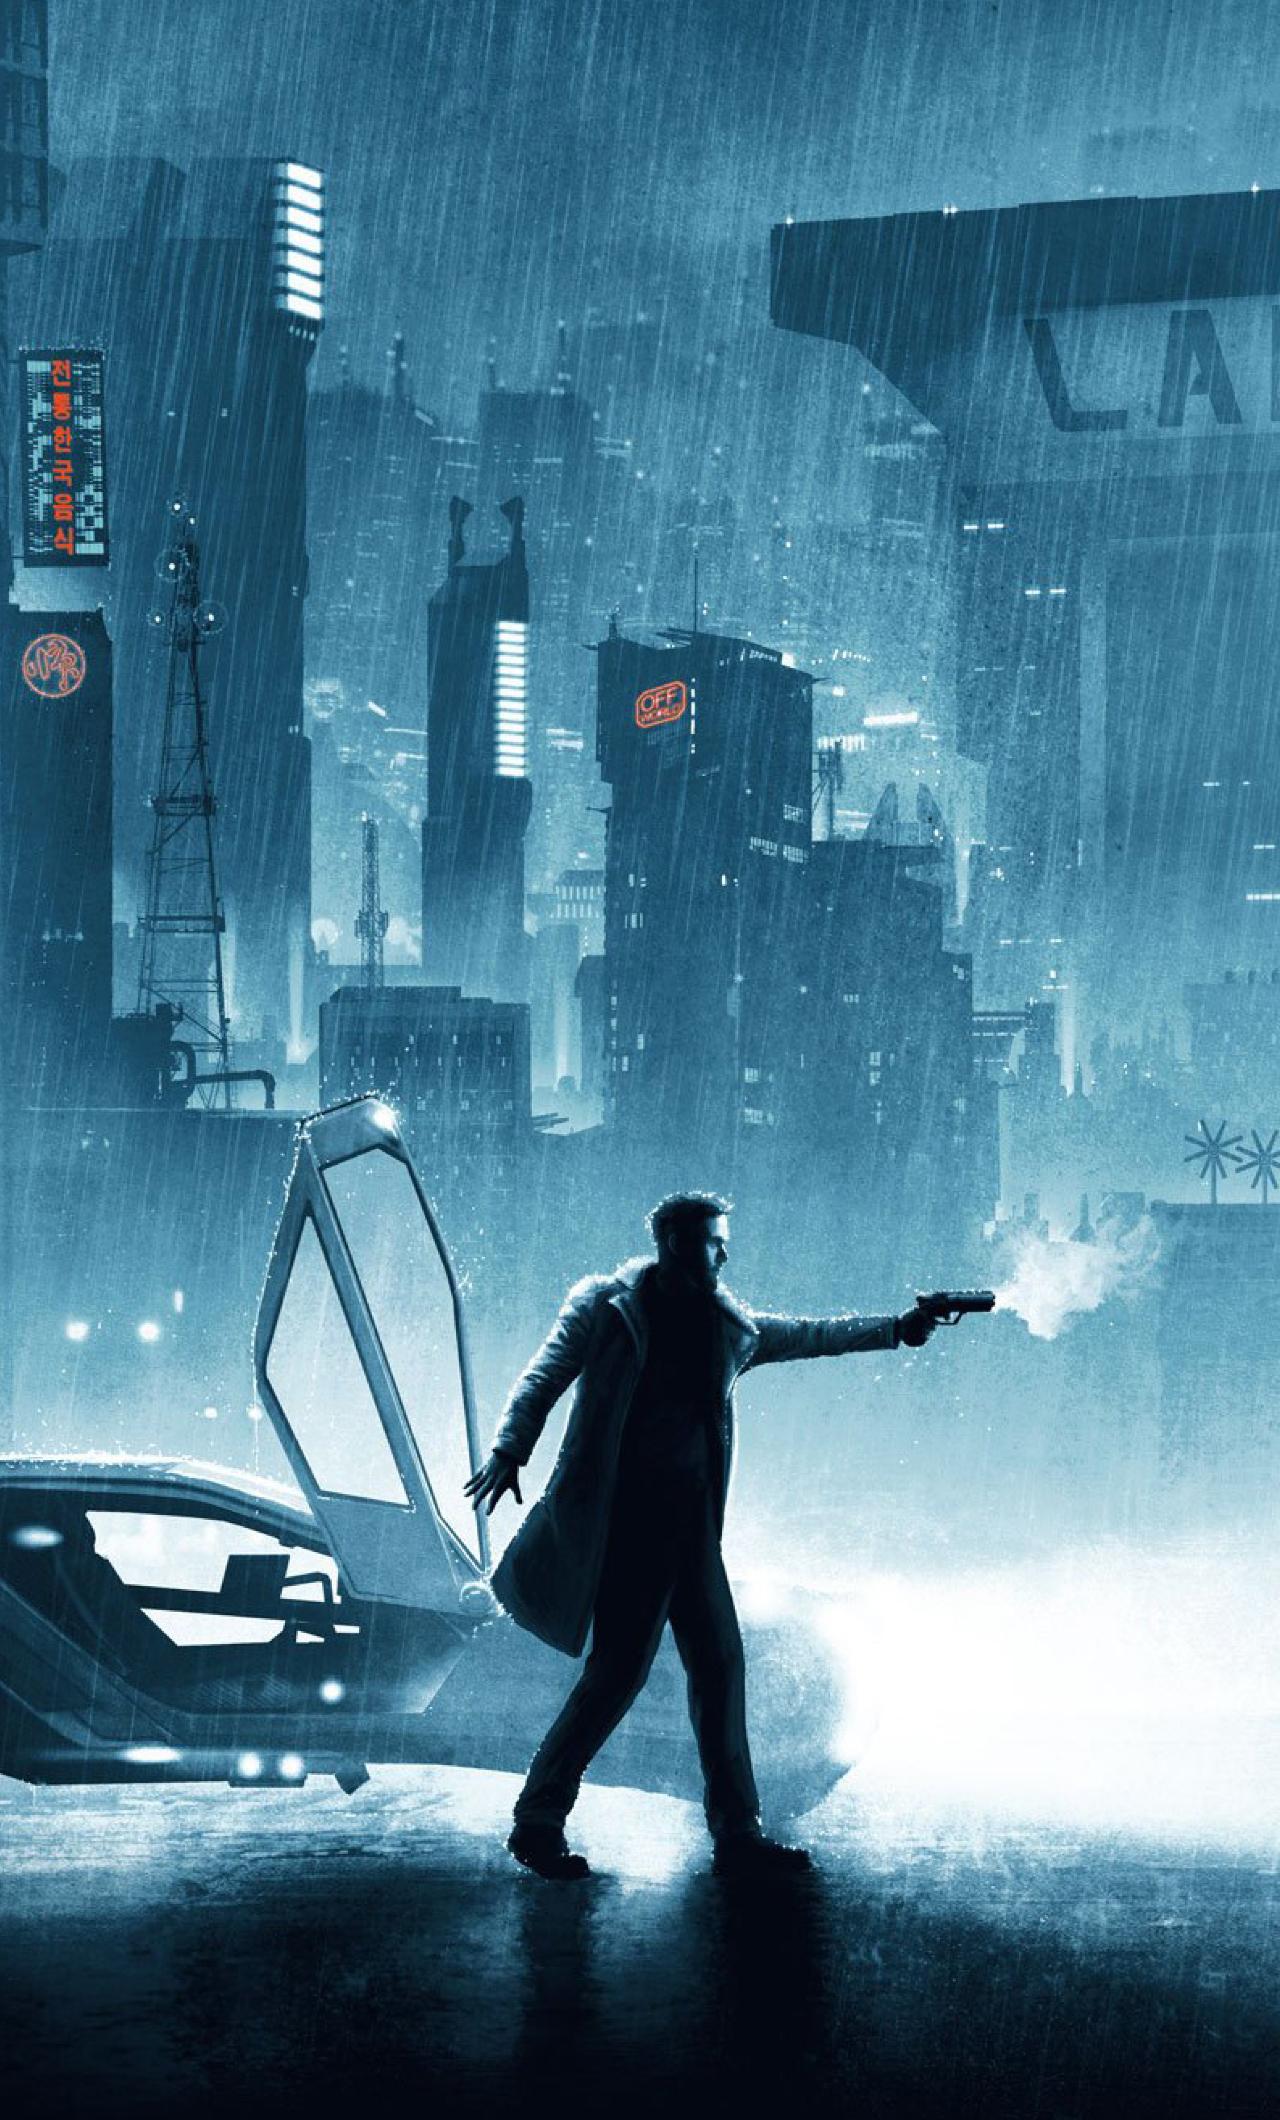 Blade Runner 2049 Wallpaper : Hd Blade Runner 2049 ...